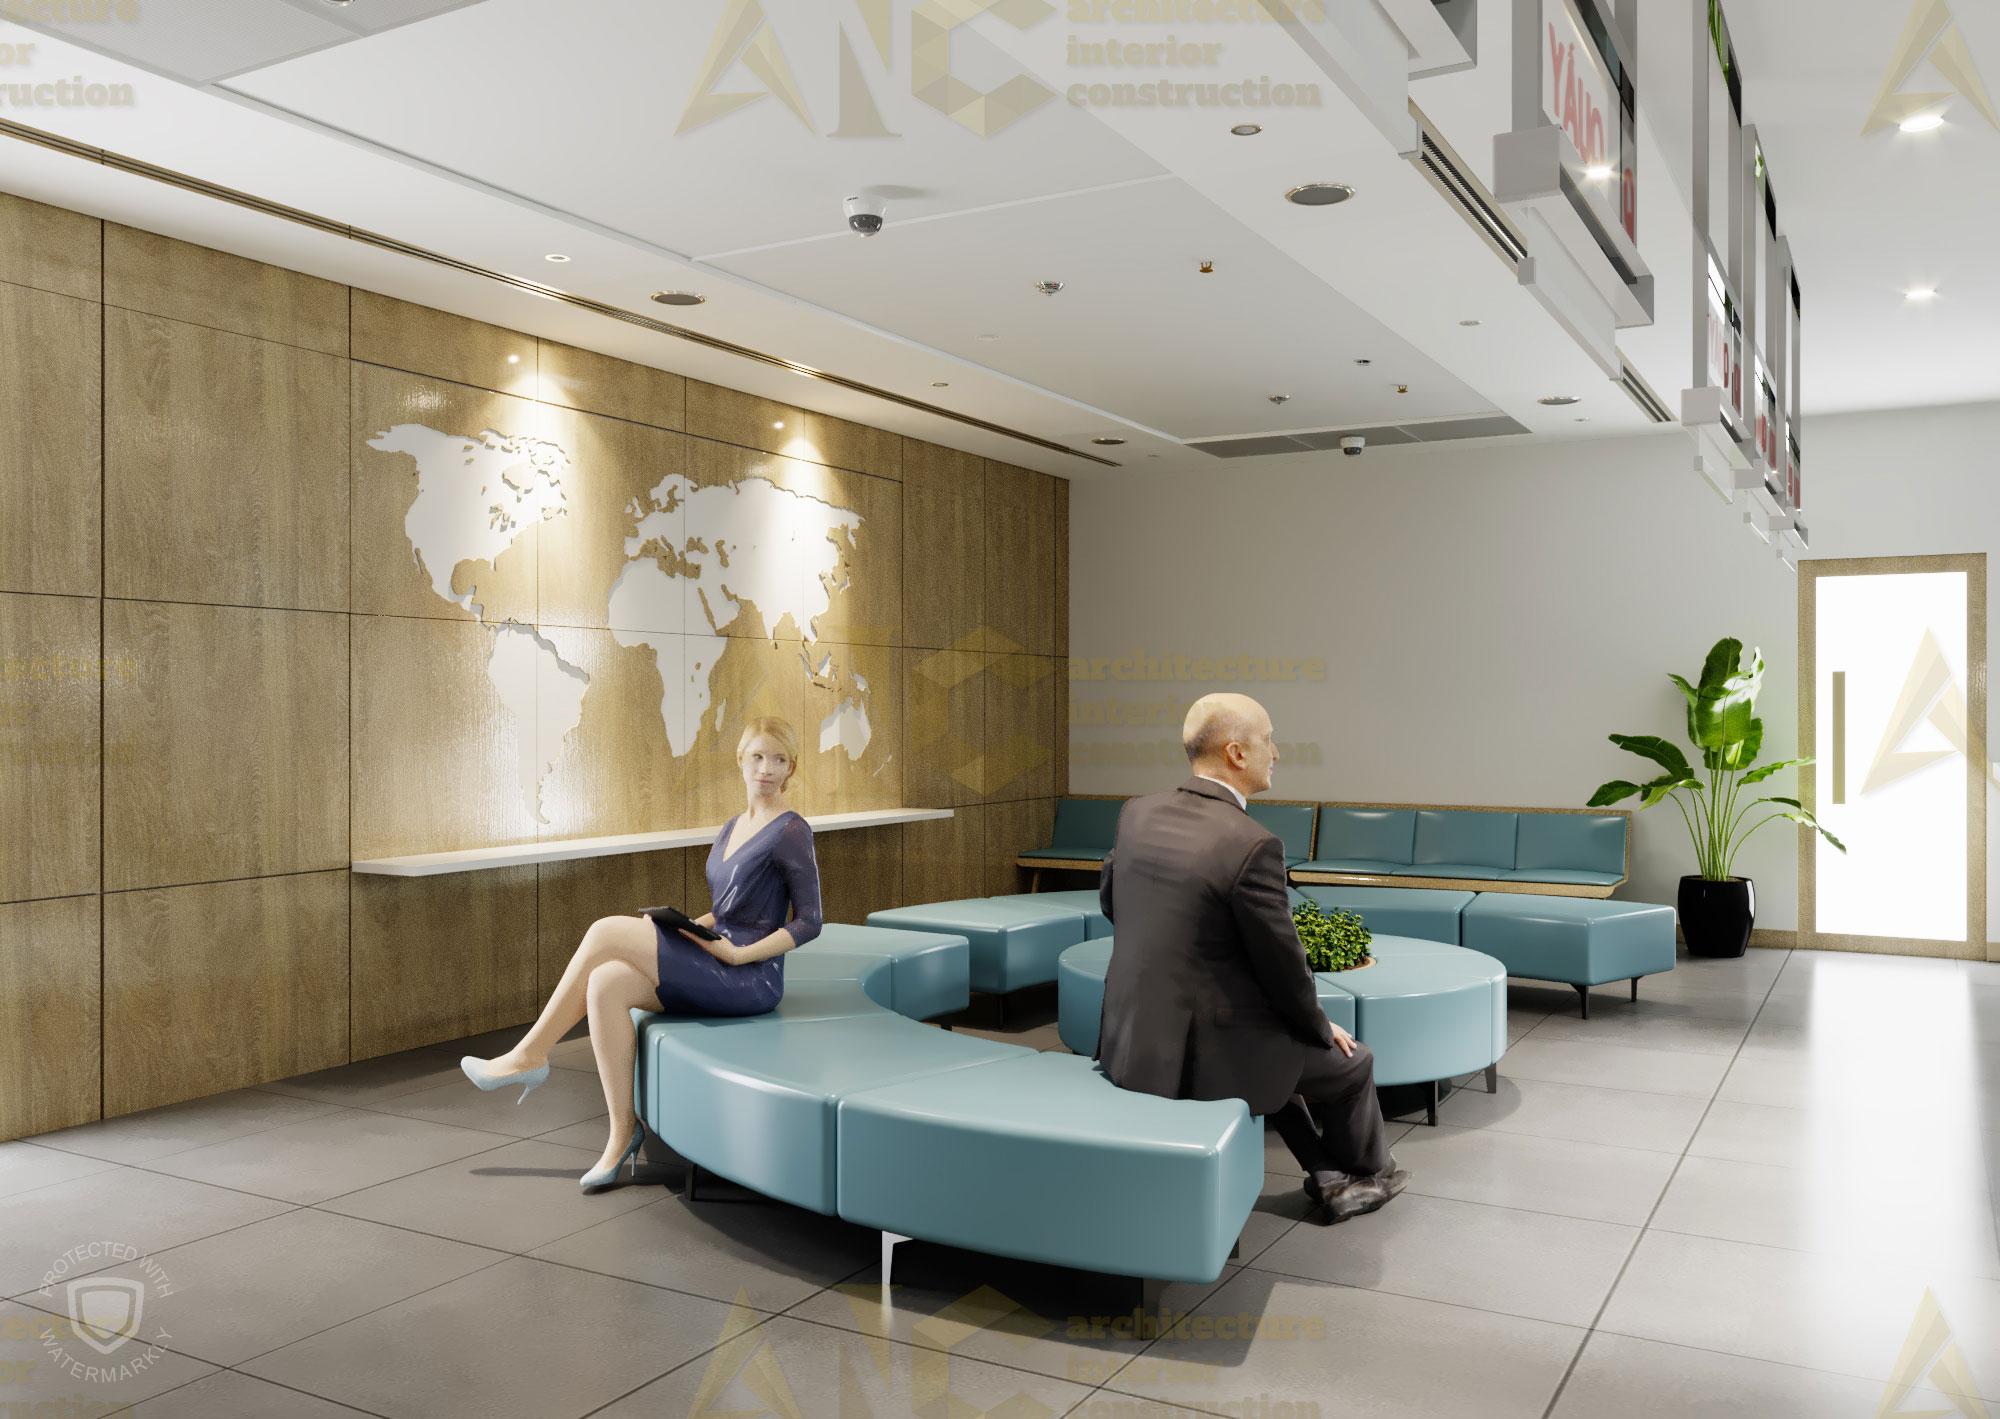 thietThiết kế văn phòng tổ chức IOM- sảnh 3 view 4-ke-van-phong-to-chucIOM-sanh-3-view-4